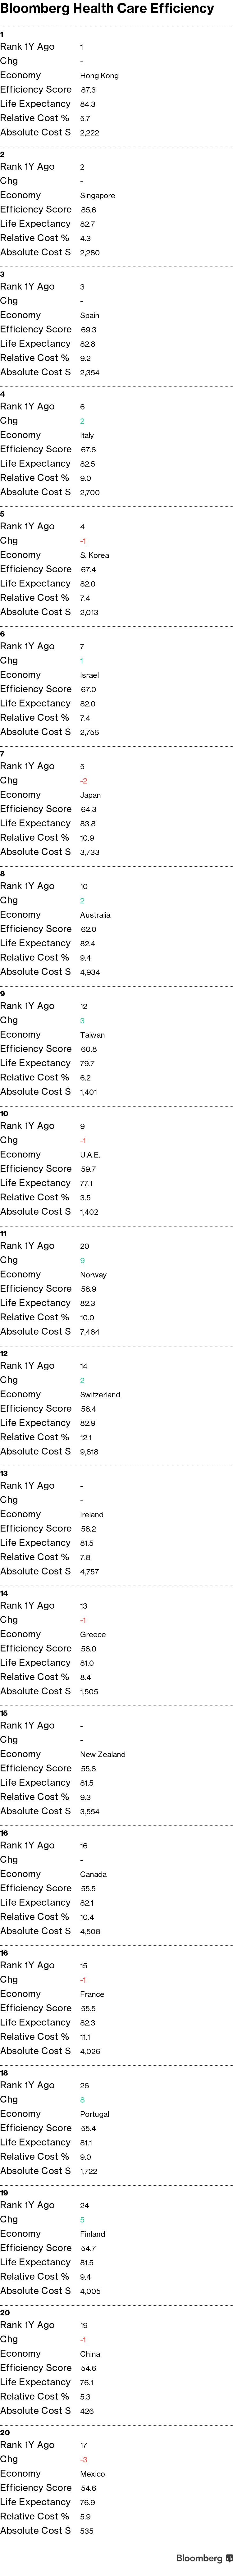 U S  Near Bottom, Hong Kong and Singapore at Top of Health